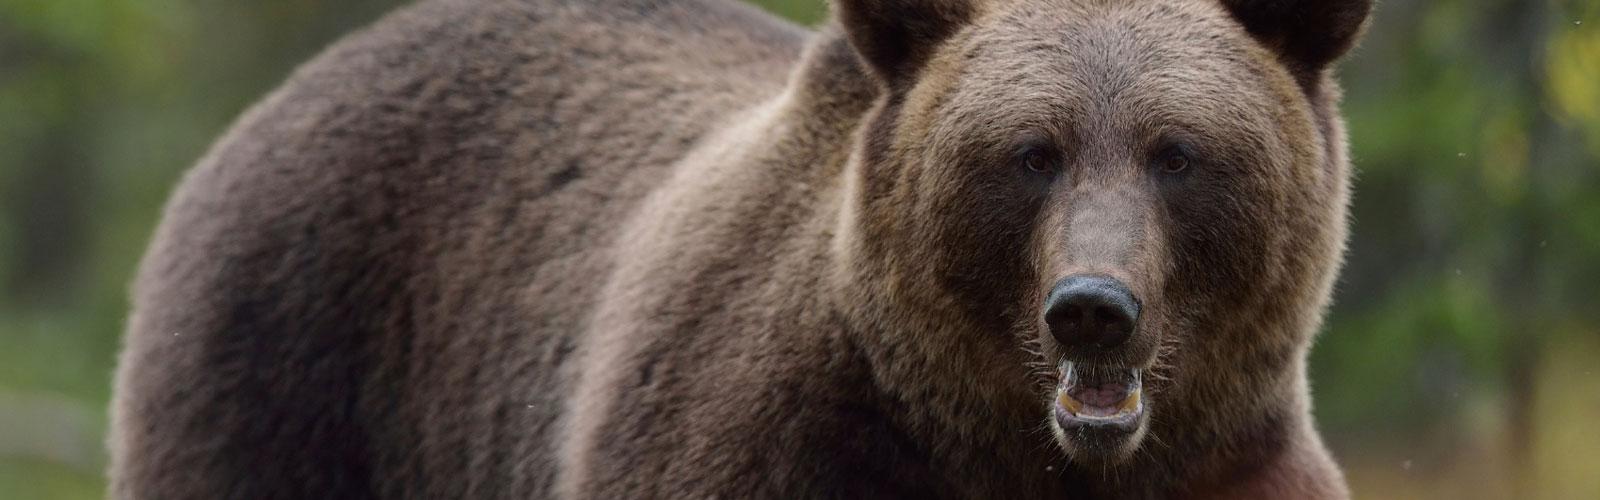 bear-header